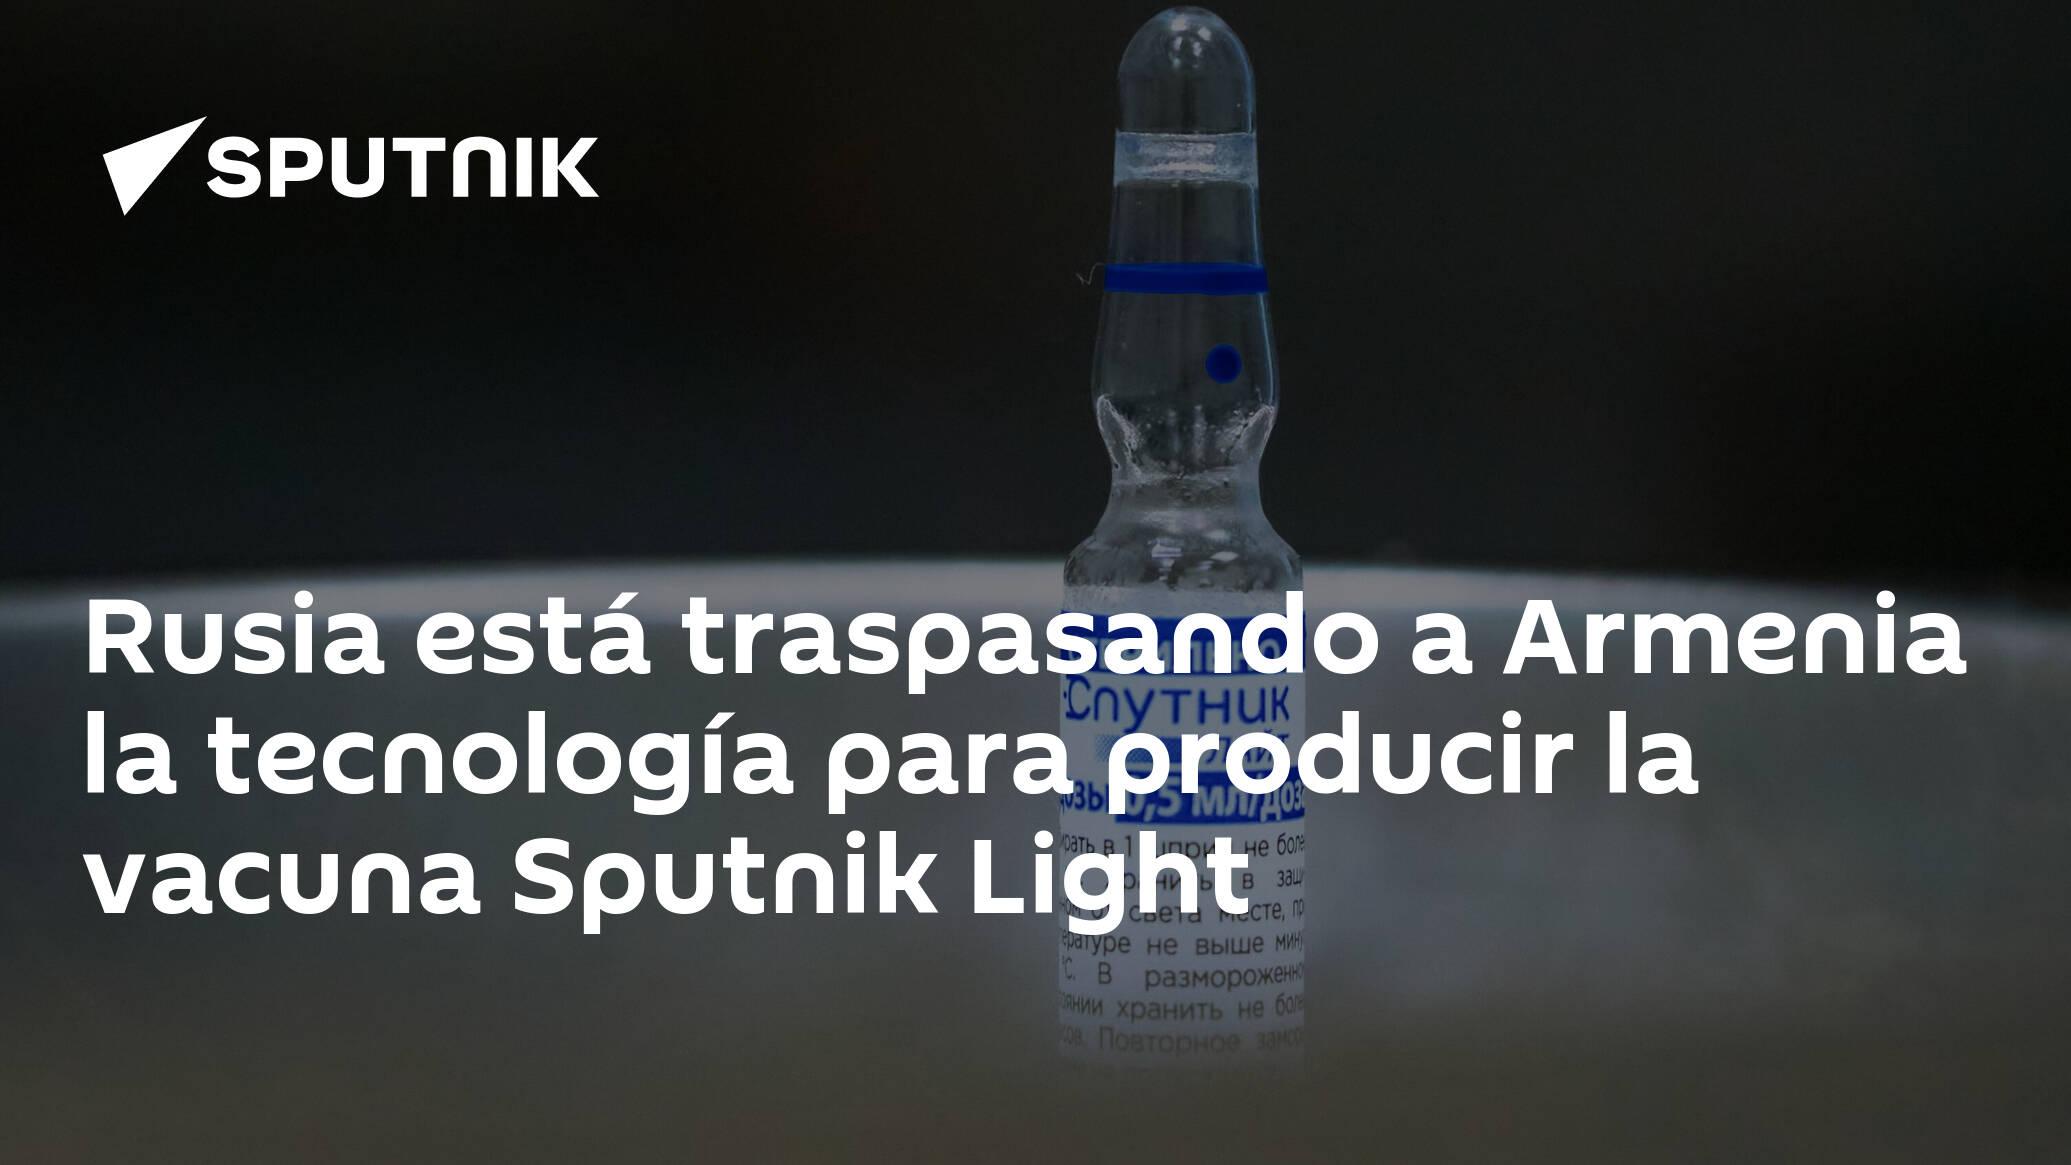 Image Rusia está traspasando a Armenia la tecnología para producir la vacuna Sputnik Light